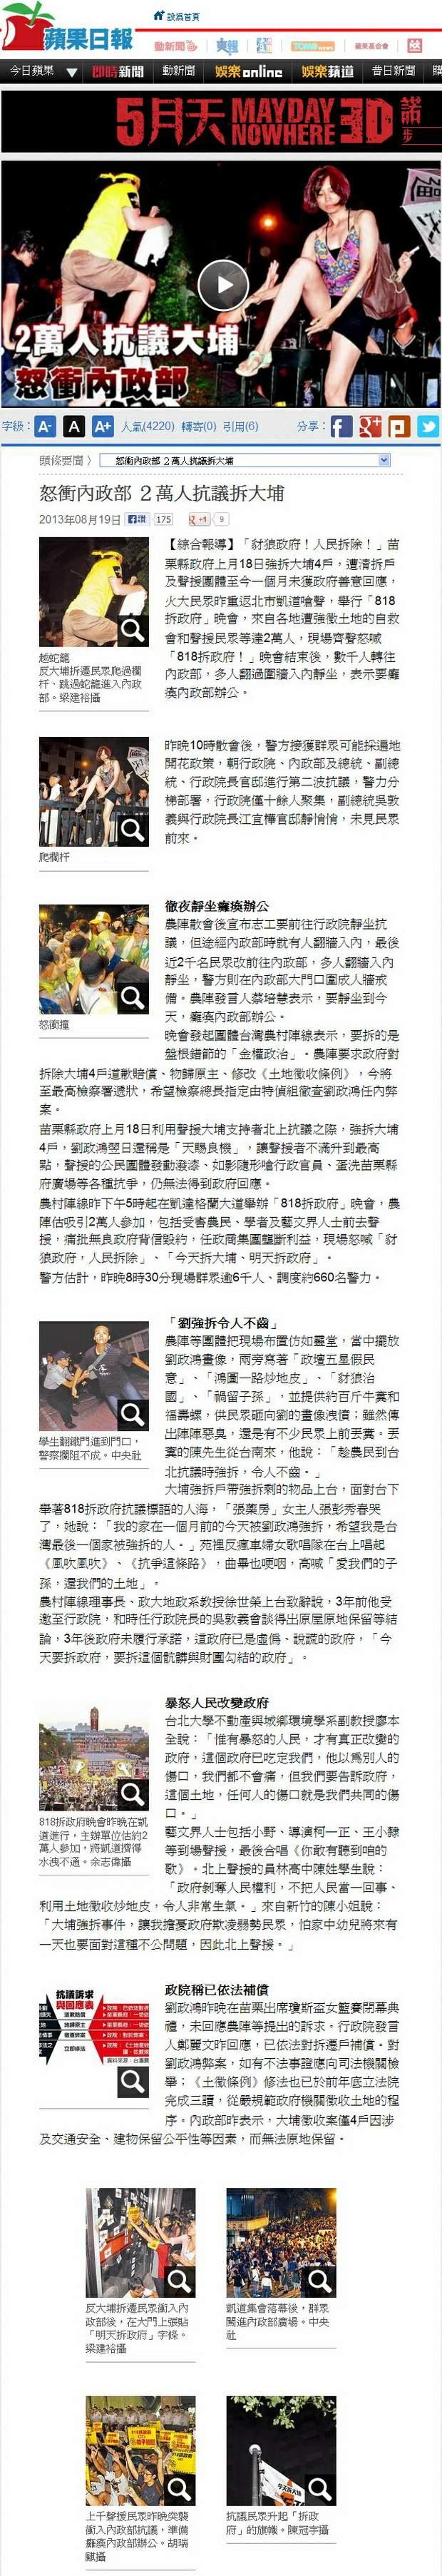 怒衝內政部 2萬人抗議拆大埔-2013.08.19-01.jpg